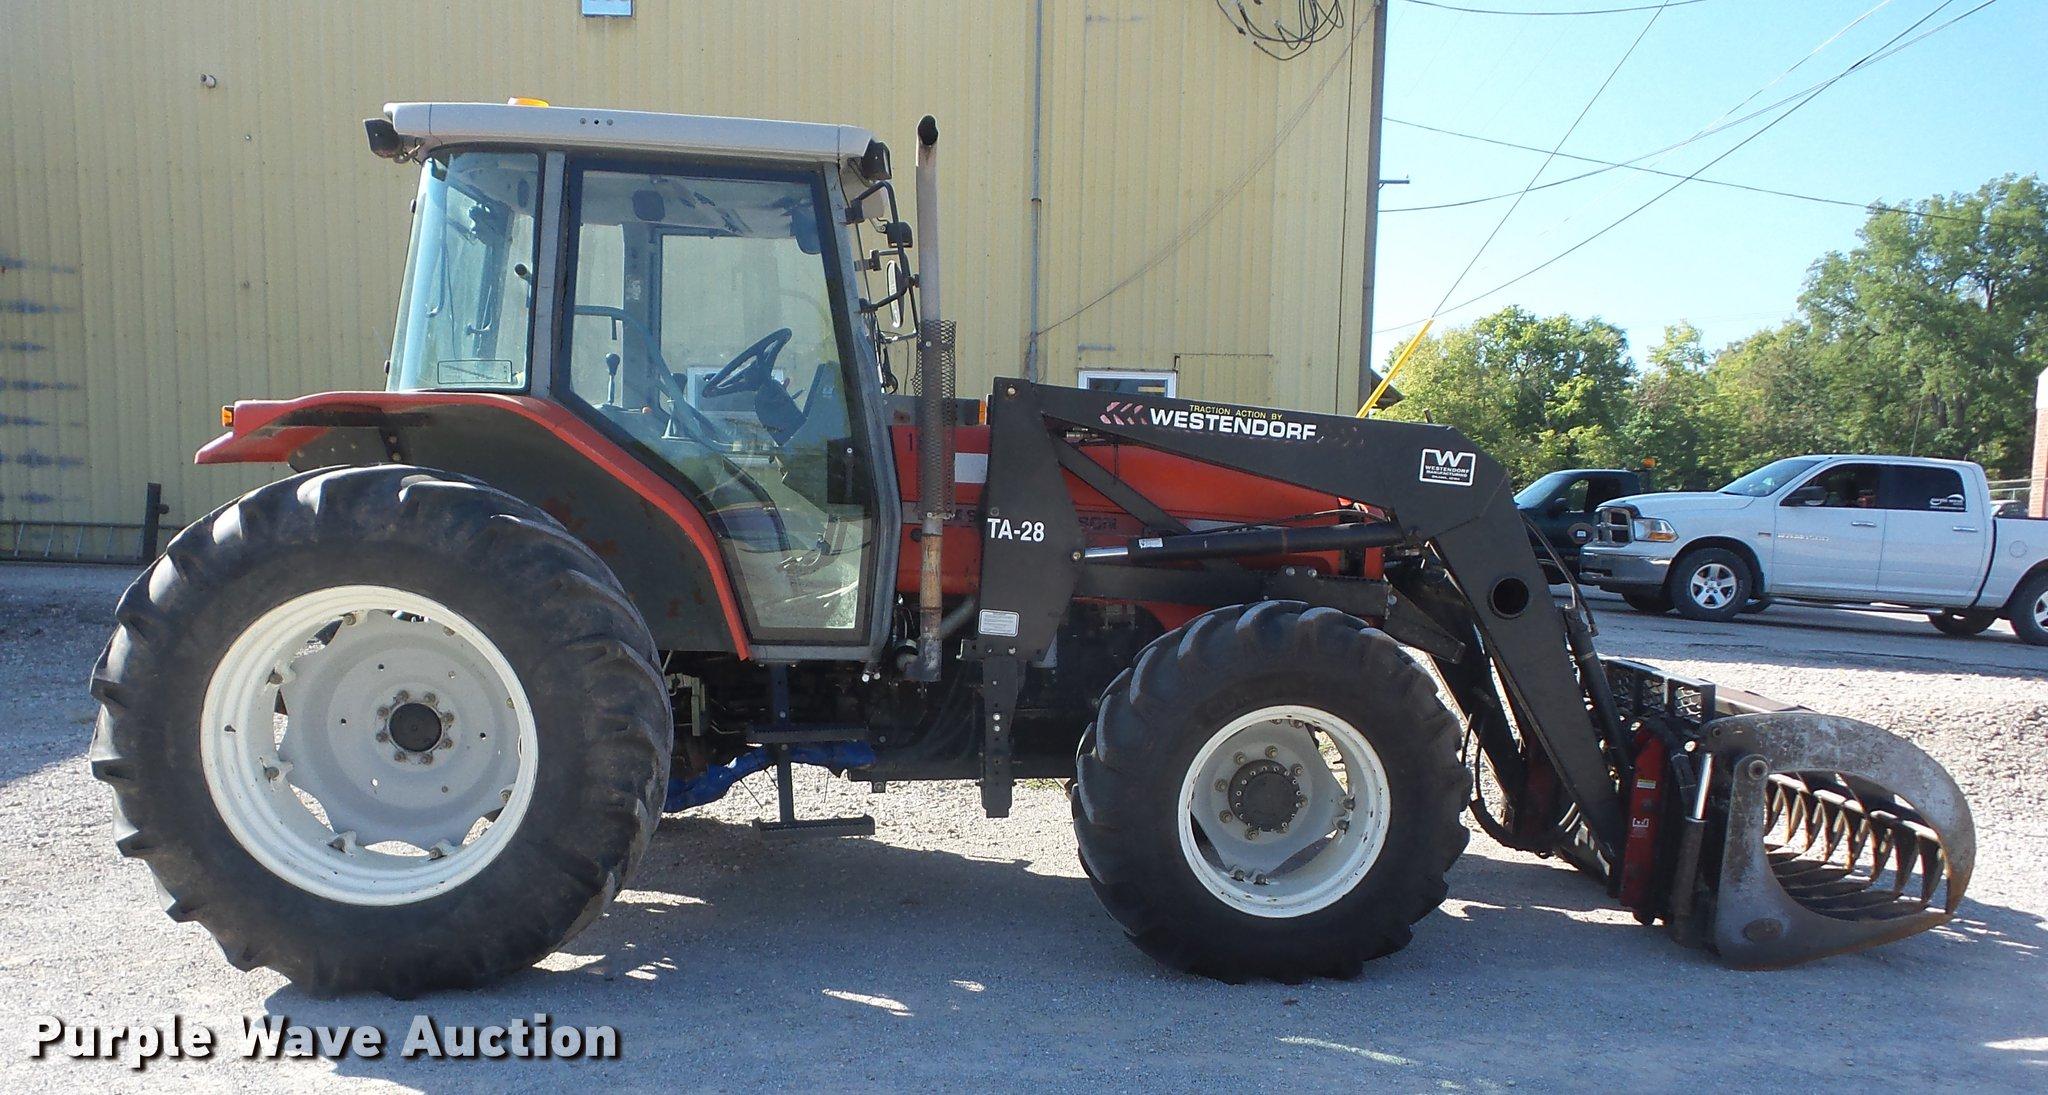 ... Massey-Ferguson 4360 MFWD tractor Full size in new window ...